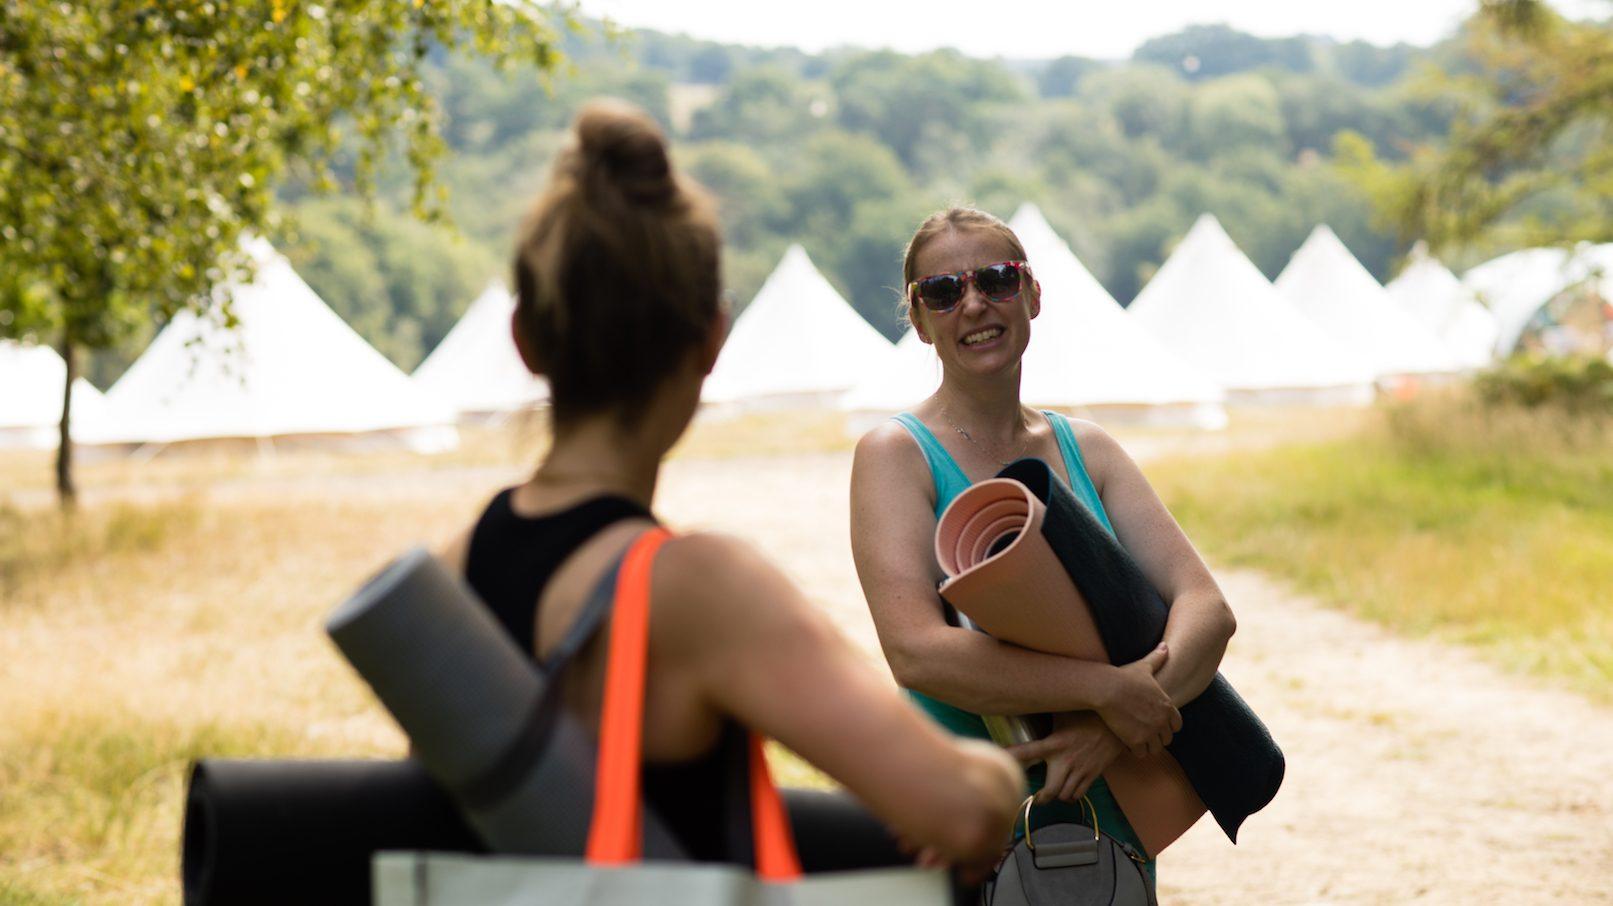 Outdoors festival wellness camp site